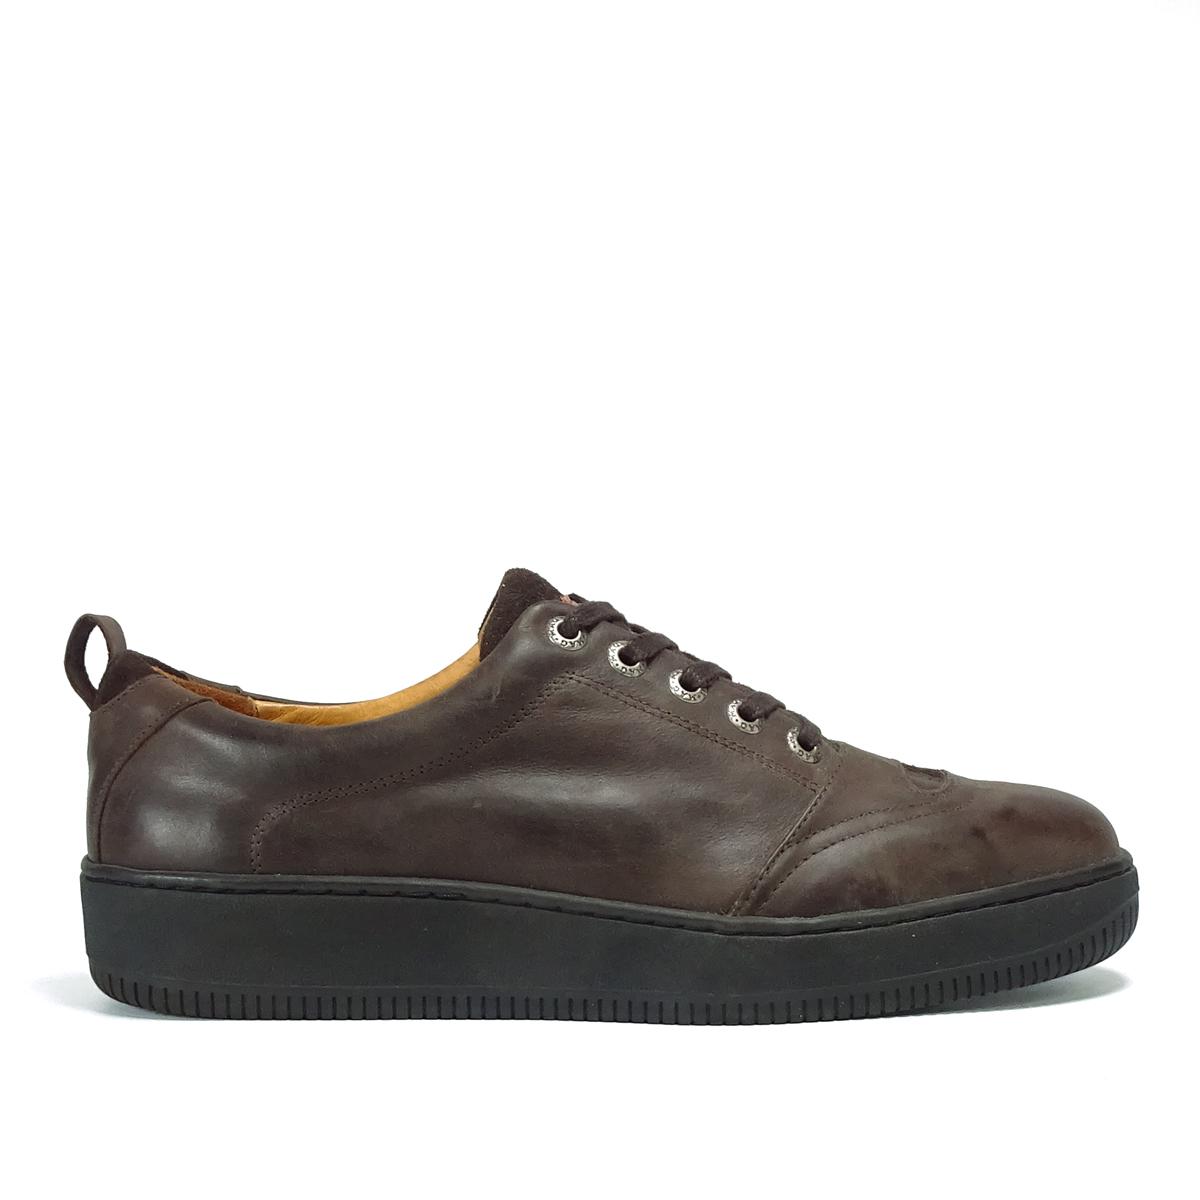 Sympasneaker 4210 Brown